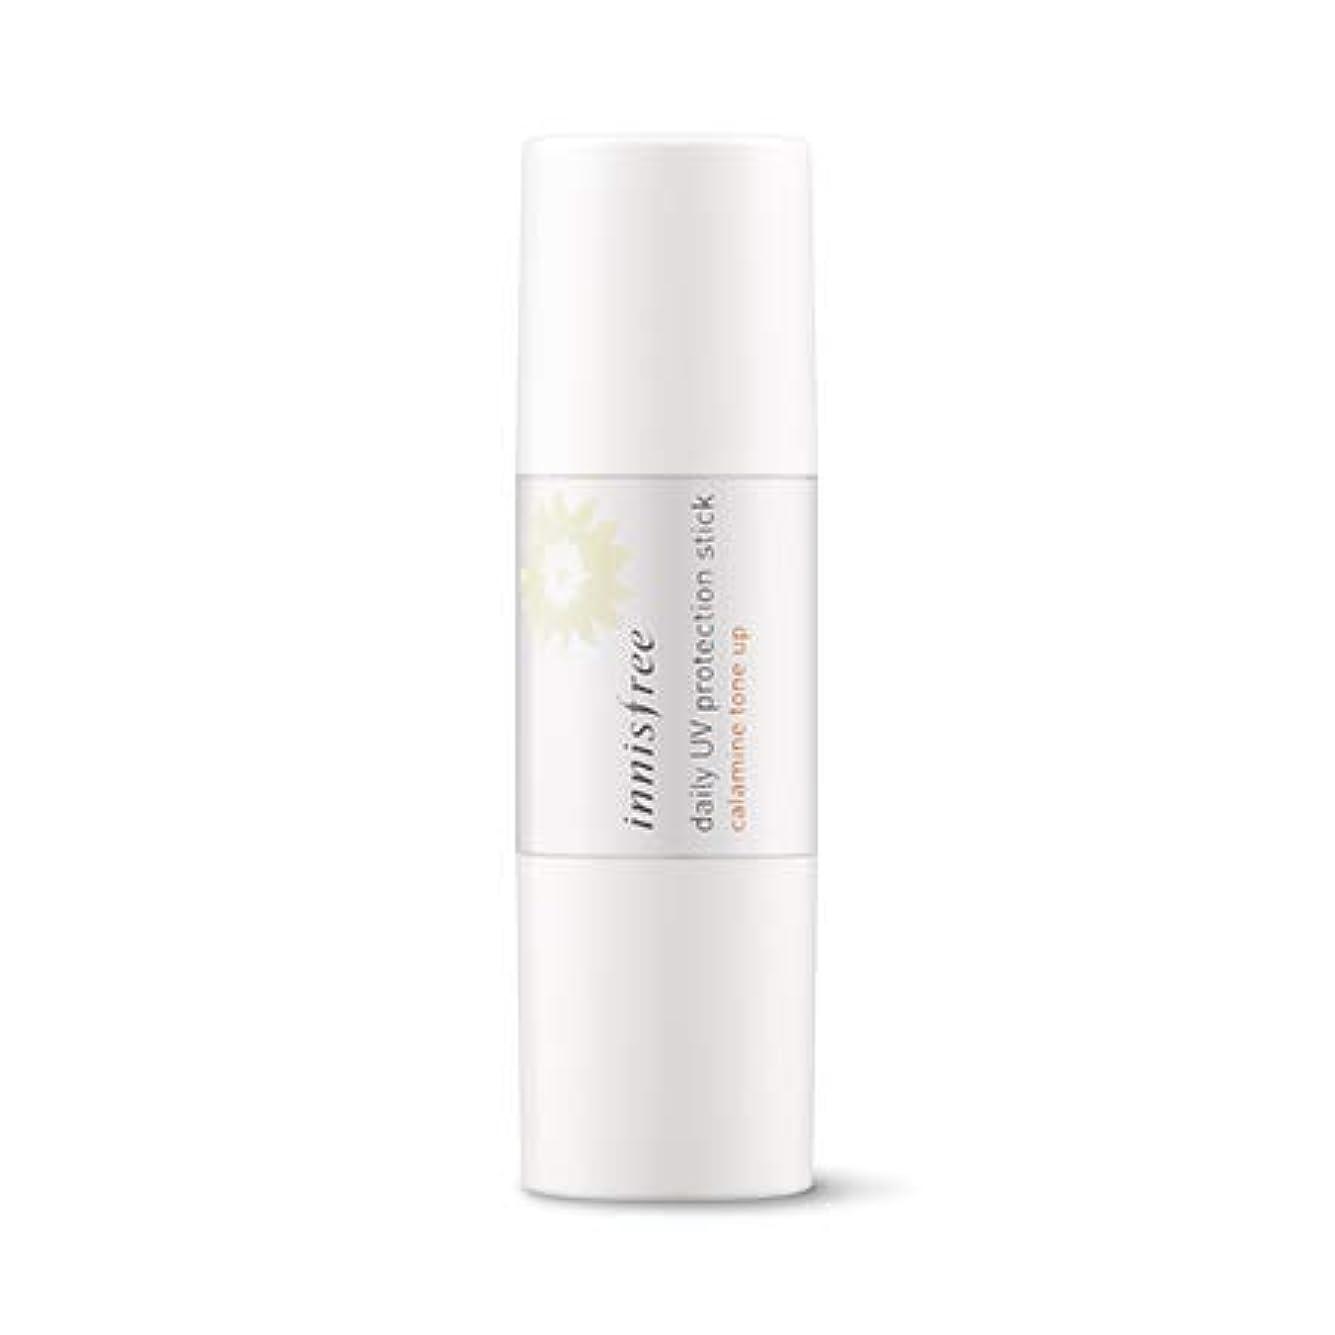 性差別アナログコインランドリー【innisfree】デイリーUVプロテクションスティックカラミントンオプSPF50+ PA++++8g+線クレンジングティッシュ(20枚)/ Daily UV Protection Stick Calamine Tone...